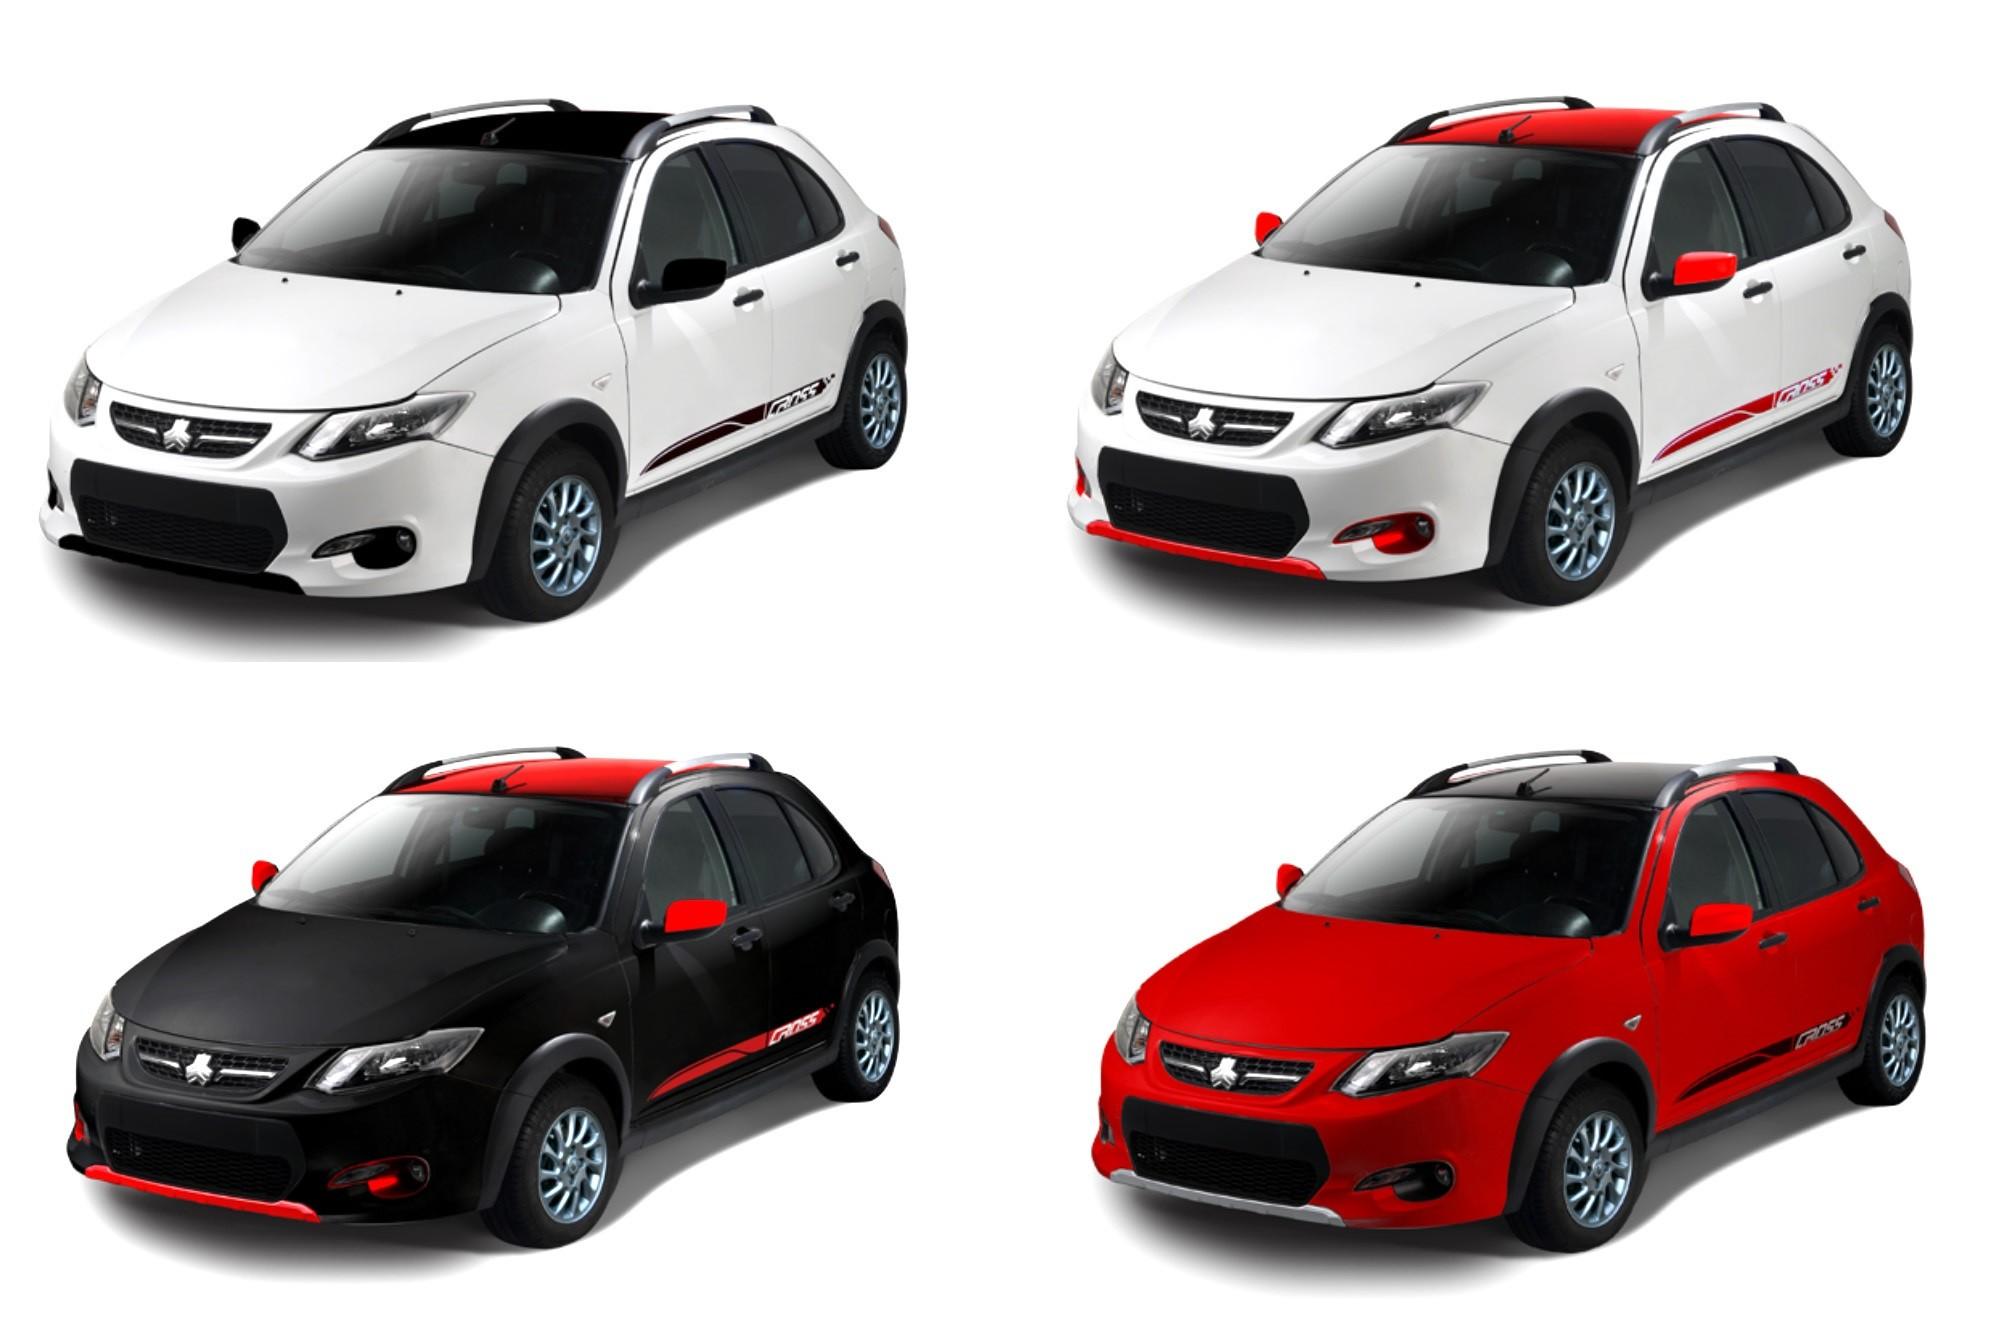 معرفی  مشخصات خودرو جدید کوییک R پارس خودرو